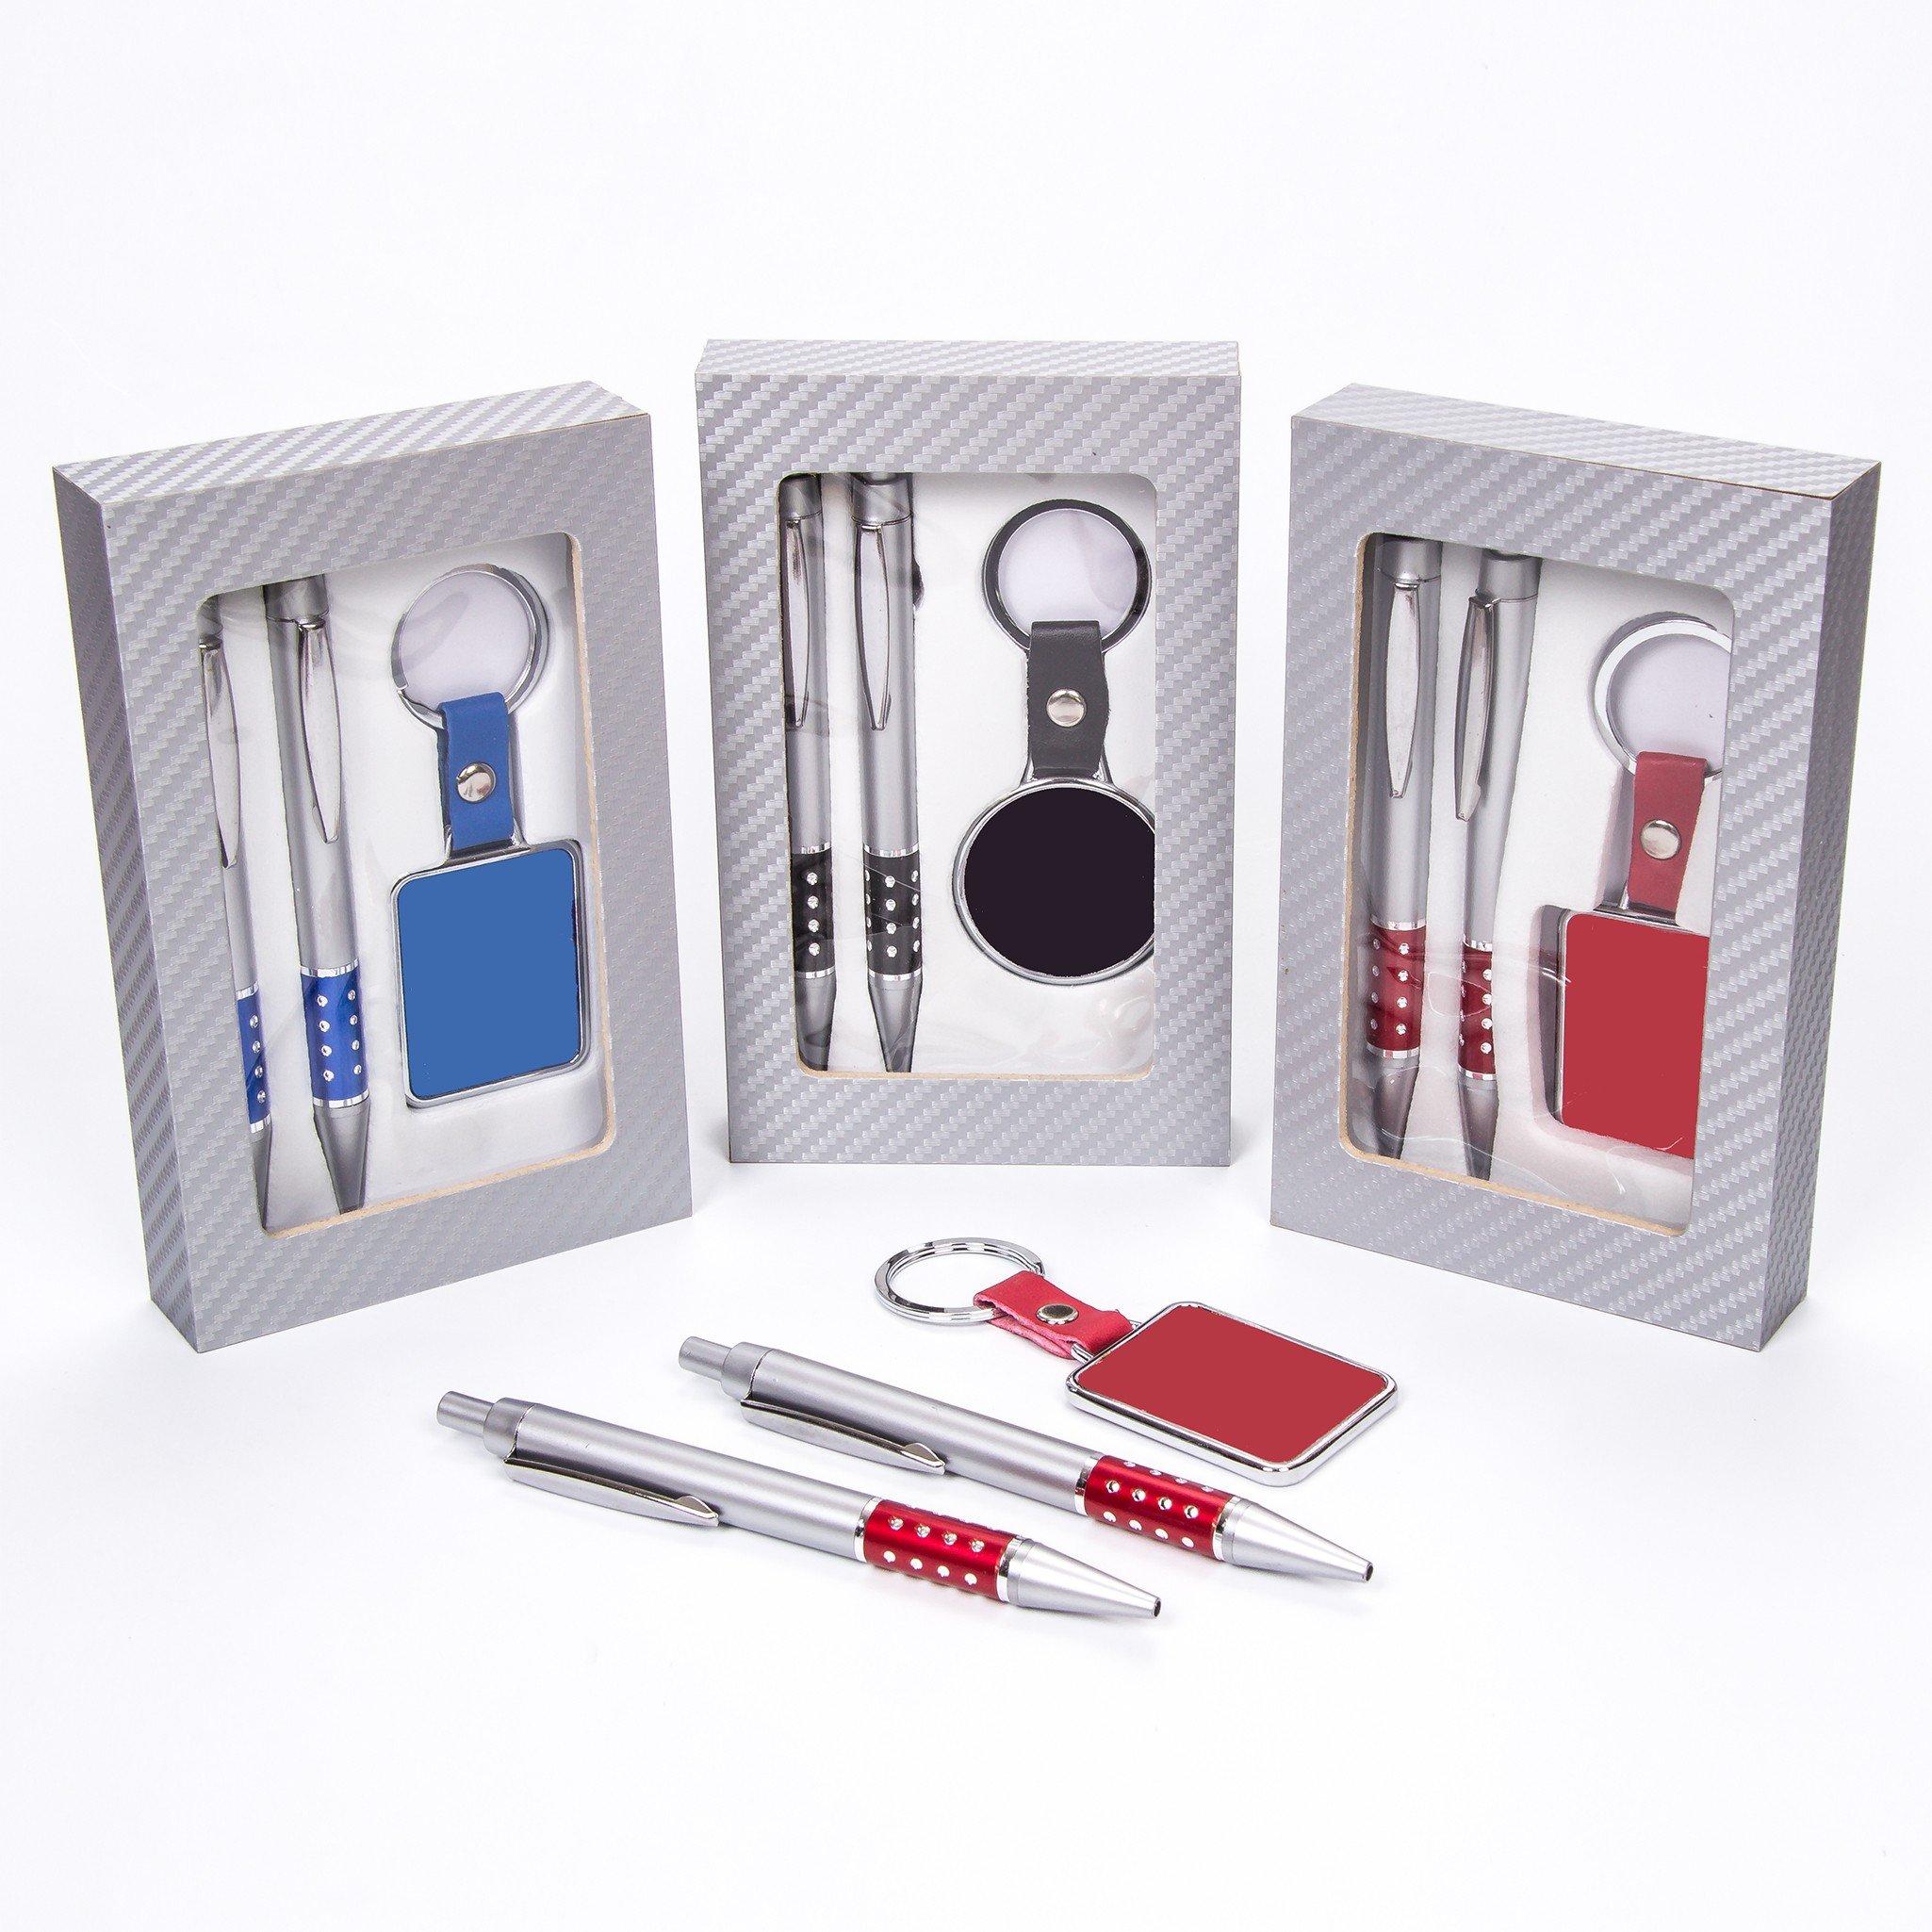 regalos personalizados para hombres hydraulic actuators